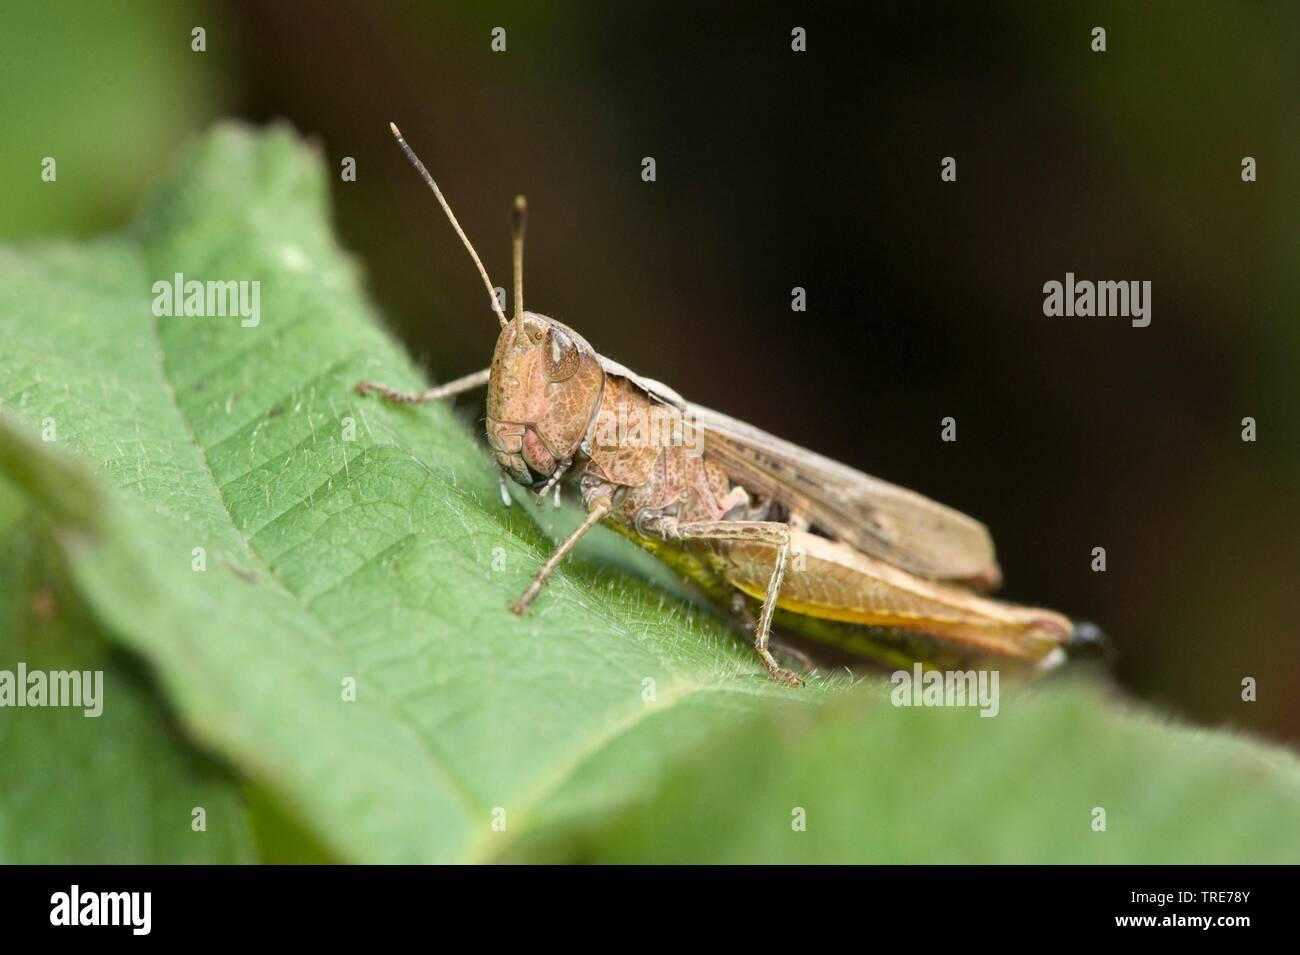 Rote Keulenschrecke (Gomphocerus rufus, Gomphocerippus rufus), sitzt auf einem Blatt, Deutschland, Pfungstadt_zw.Seeheim_u._Pf | rufous grasshopper (G - Stock Image